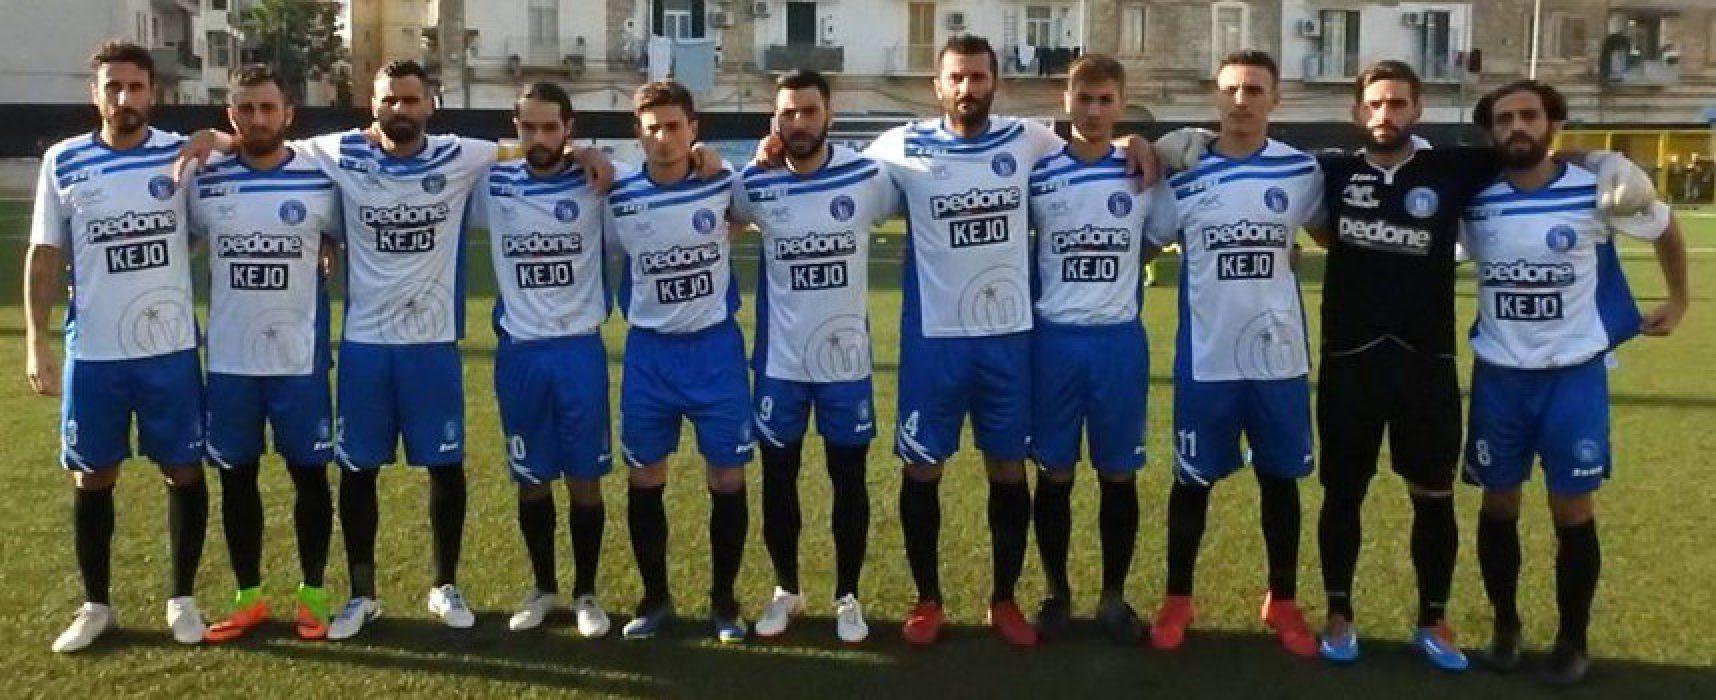 Unione Calcio, a Brindisi si gioca sabato. Mercato: arriva Petrachi